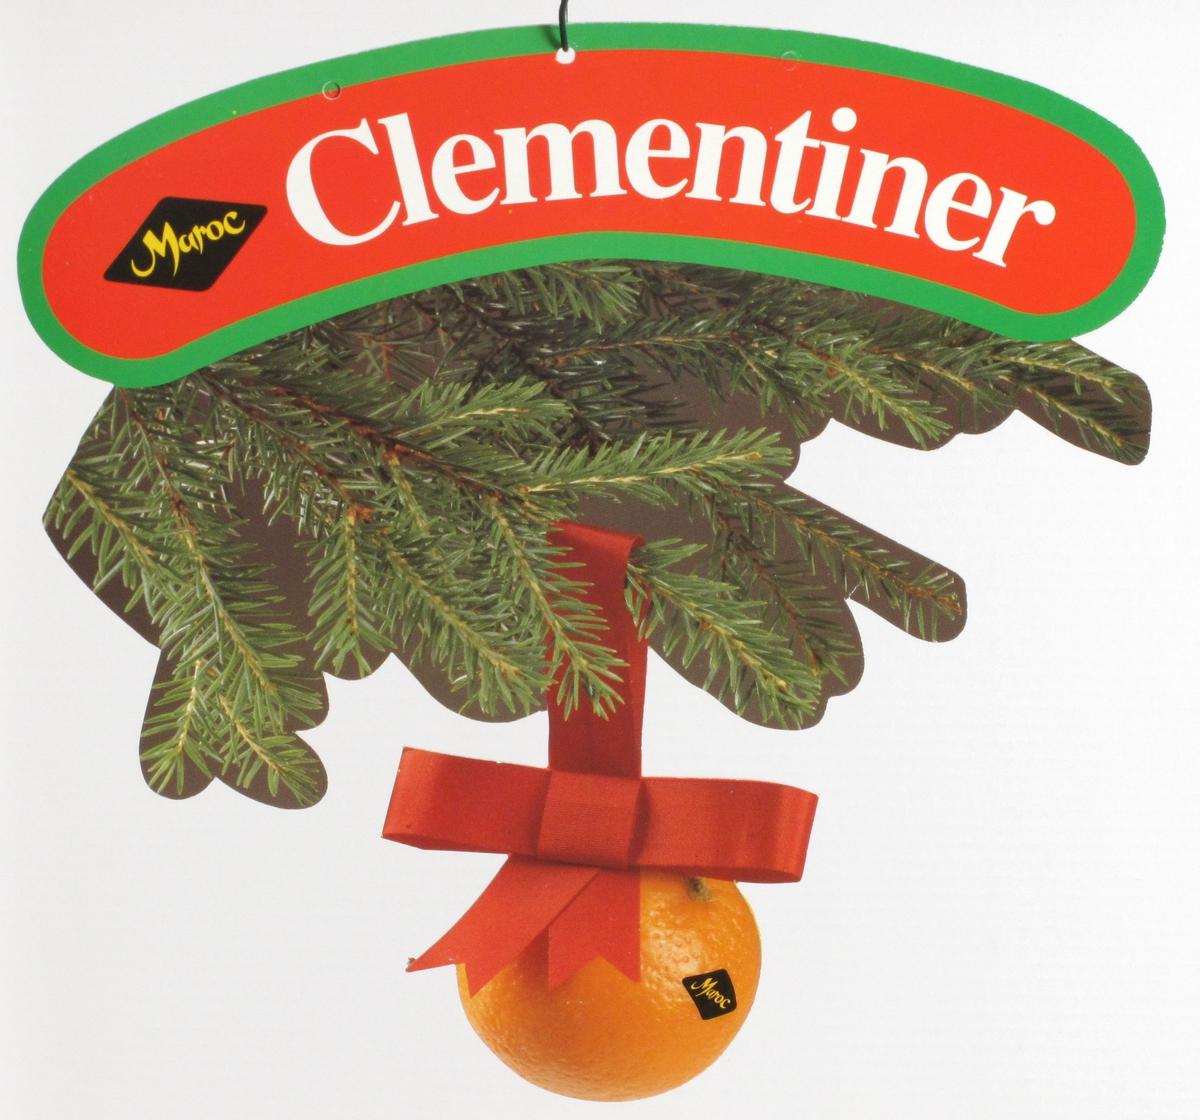 Clementin hengende i rødt juleband under grankvist.